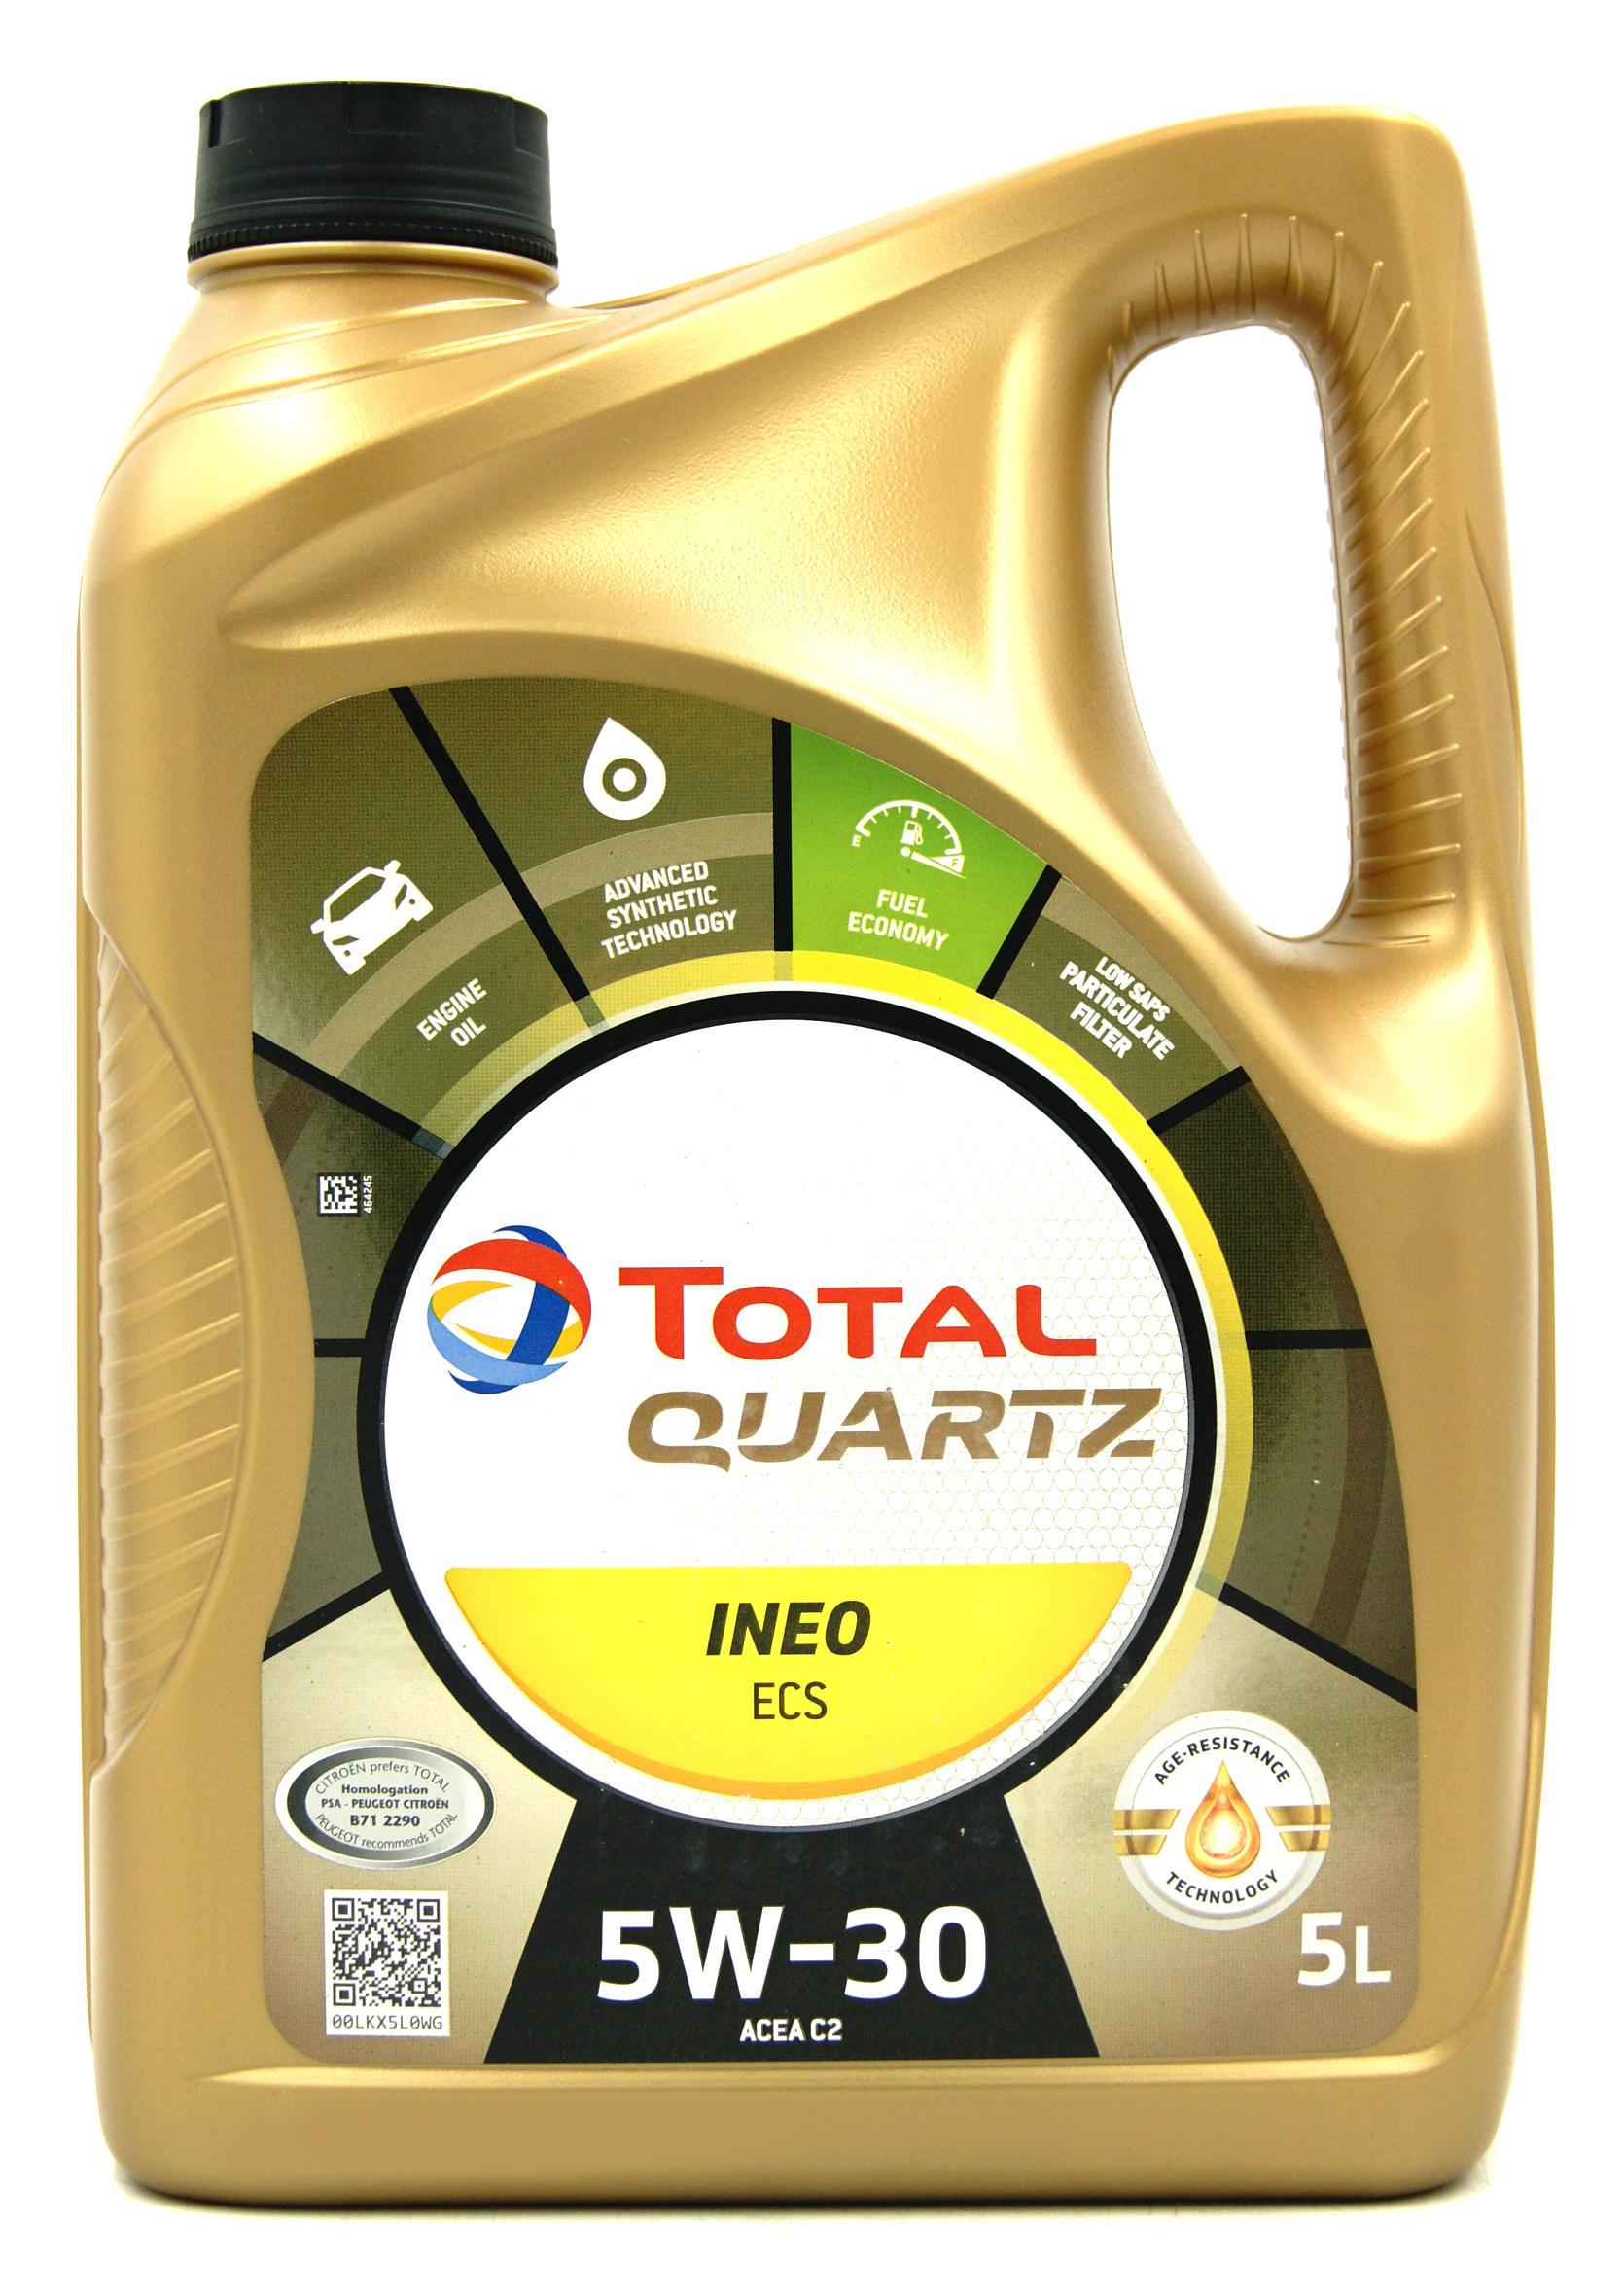 Total Quartz Ineo ECS 5W30 Fuel Economy 5L Olej Silnikowy Syntetyczny